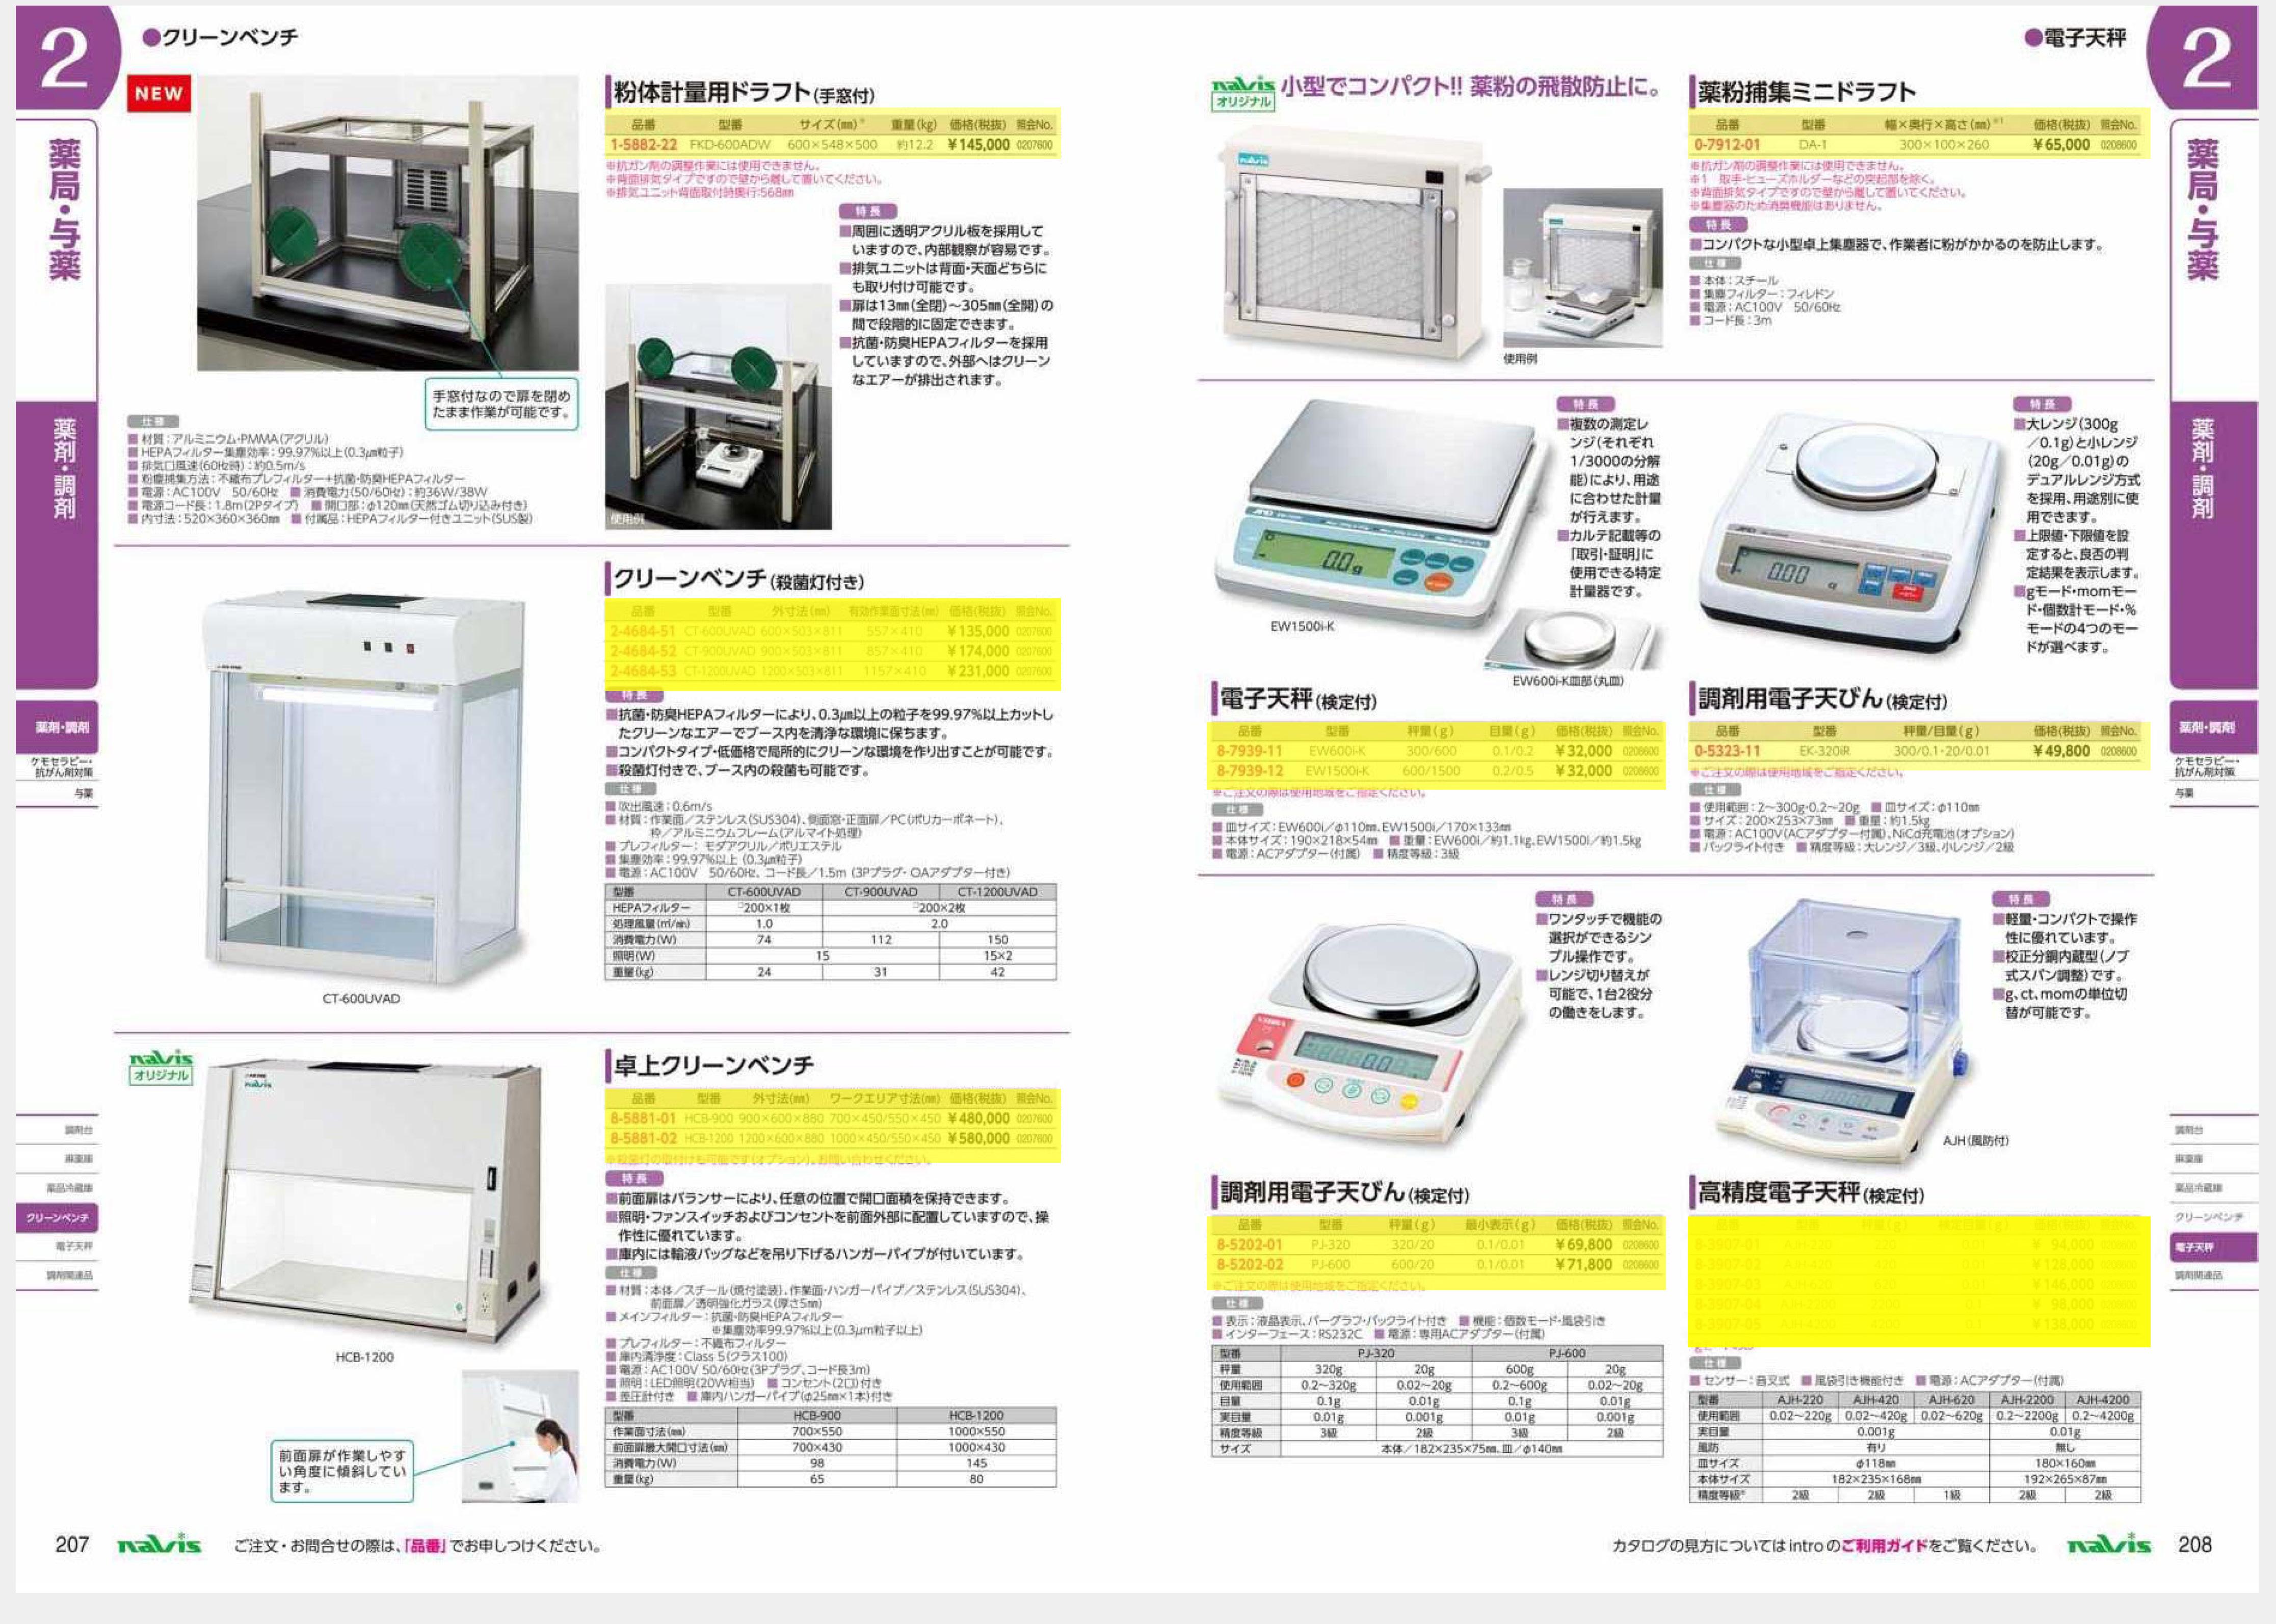 ナビス50000 8-3907-03 高精度電子天秤 620g[個](as1-8-3907-03)